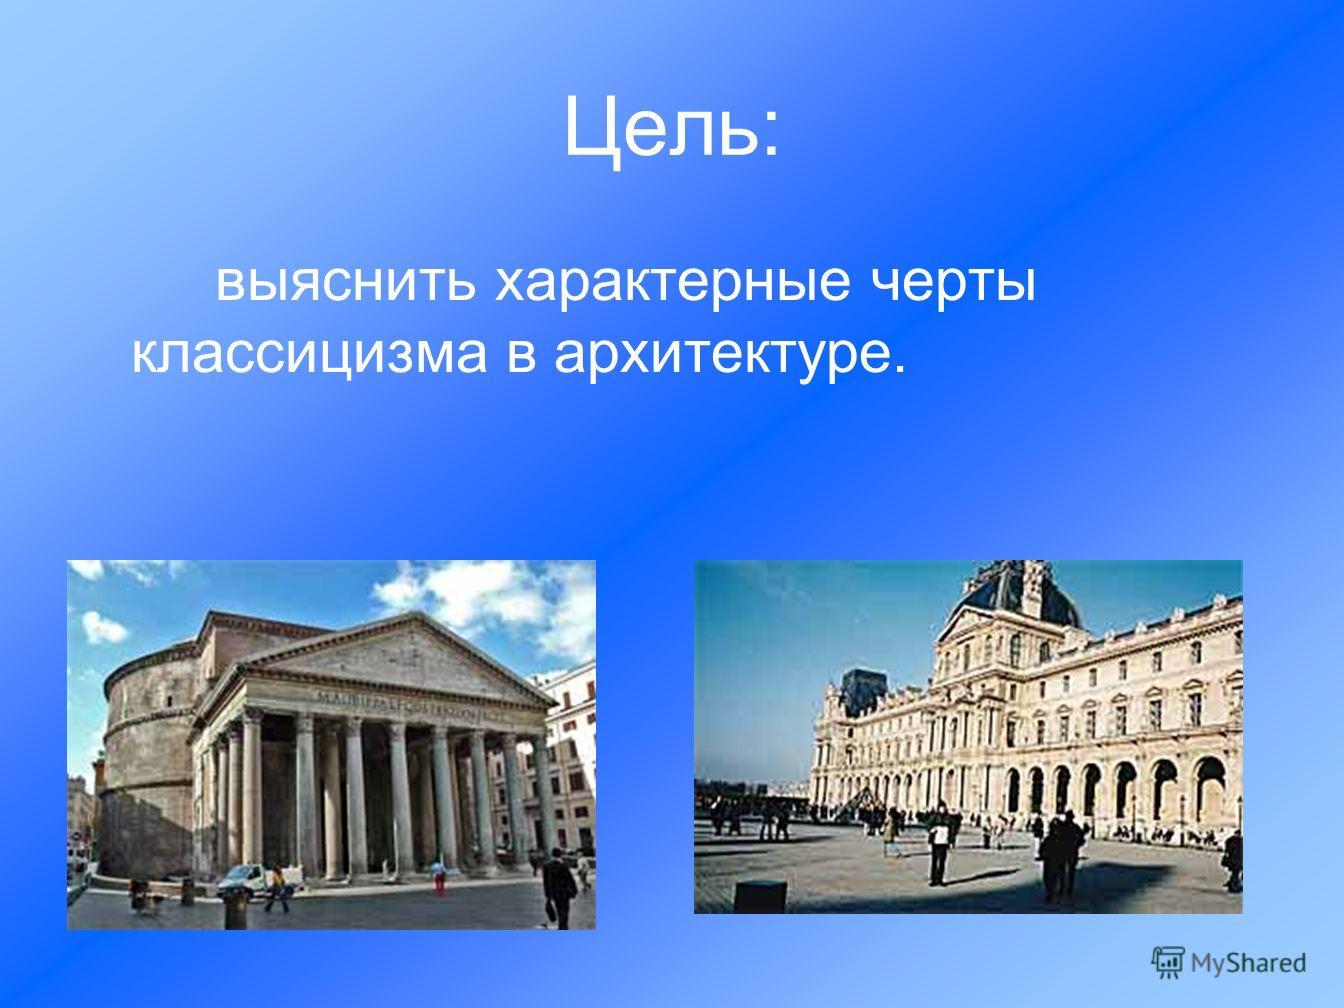 Цель: выяснить характерные черты классицизма в архитектуре.